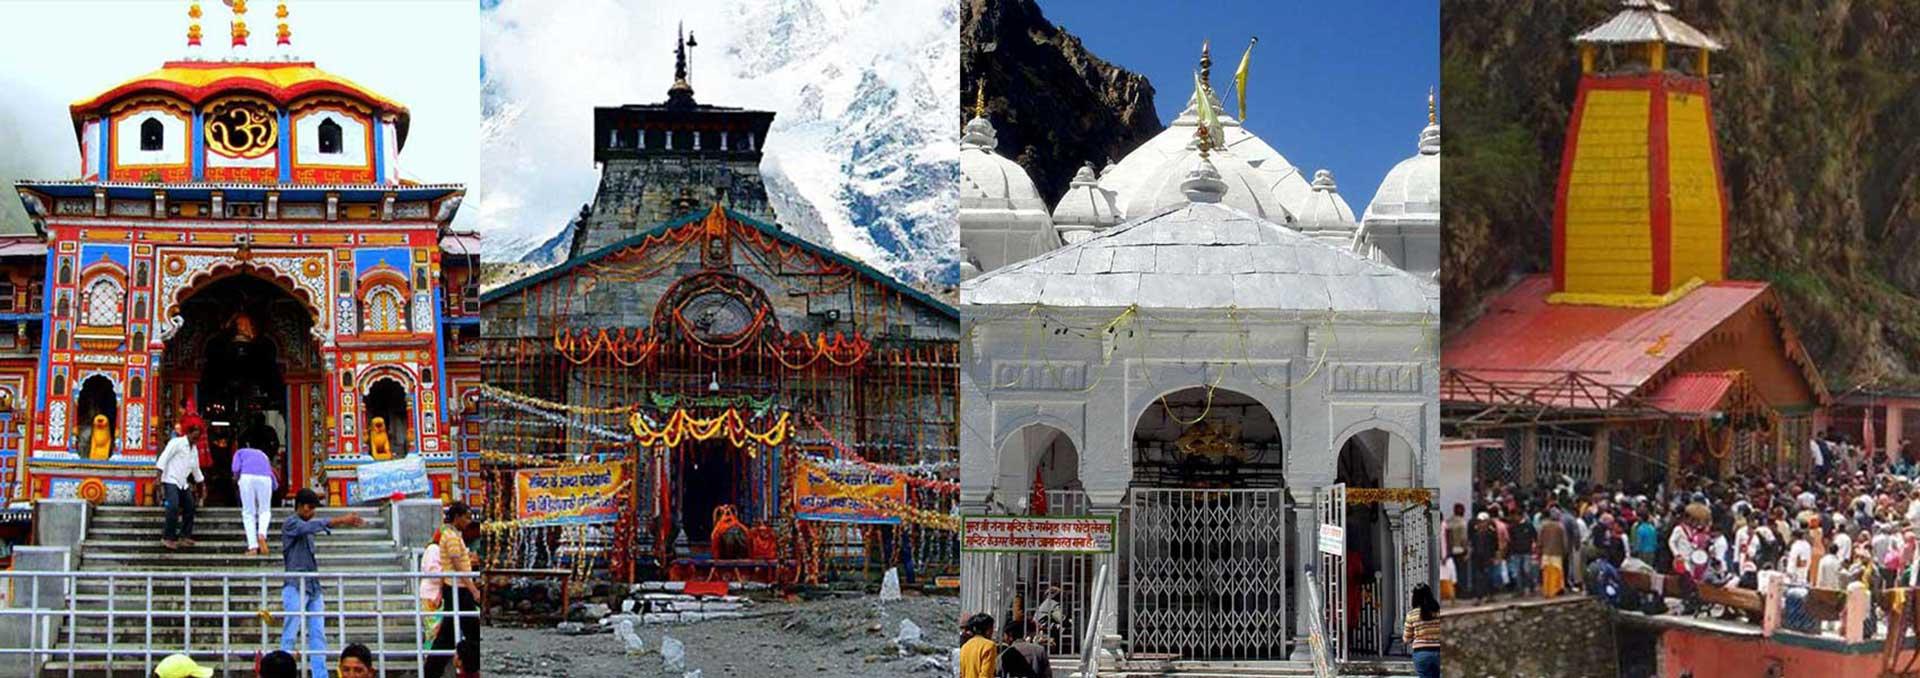 Char Dham Yatra, Uttarakhand